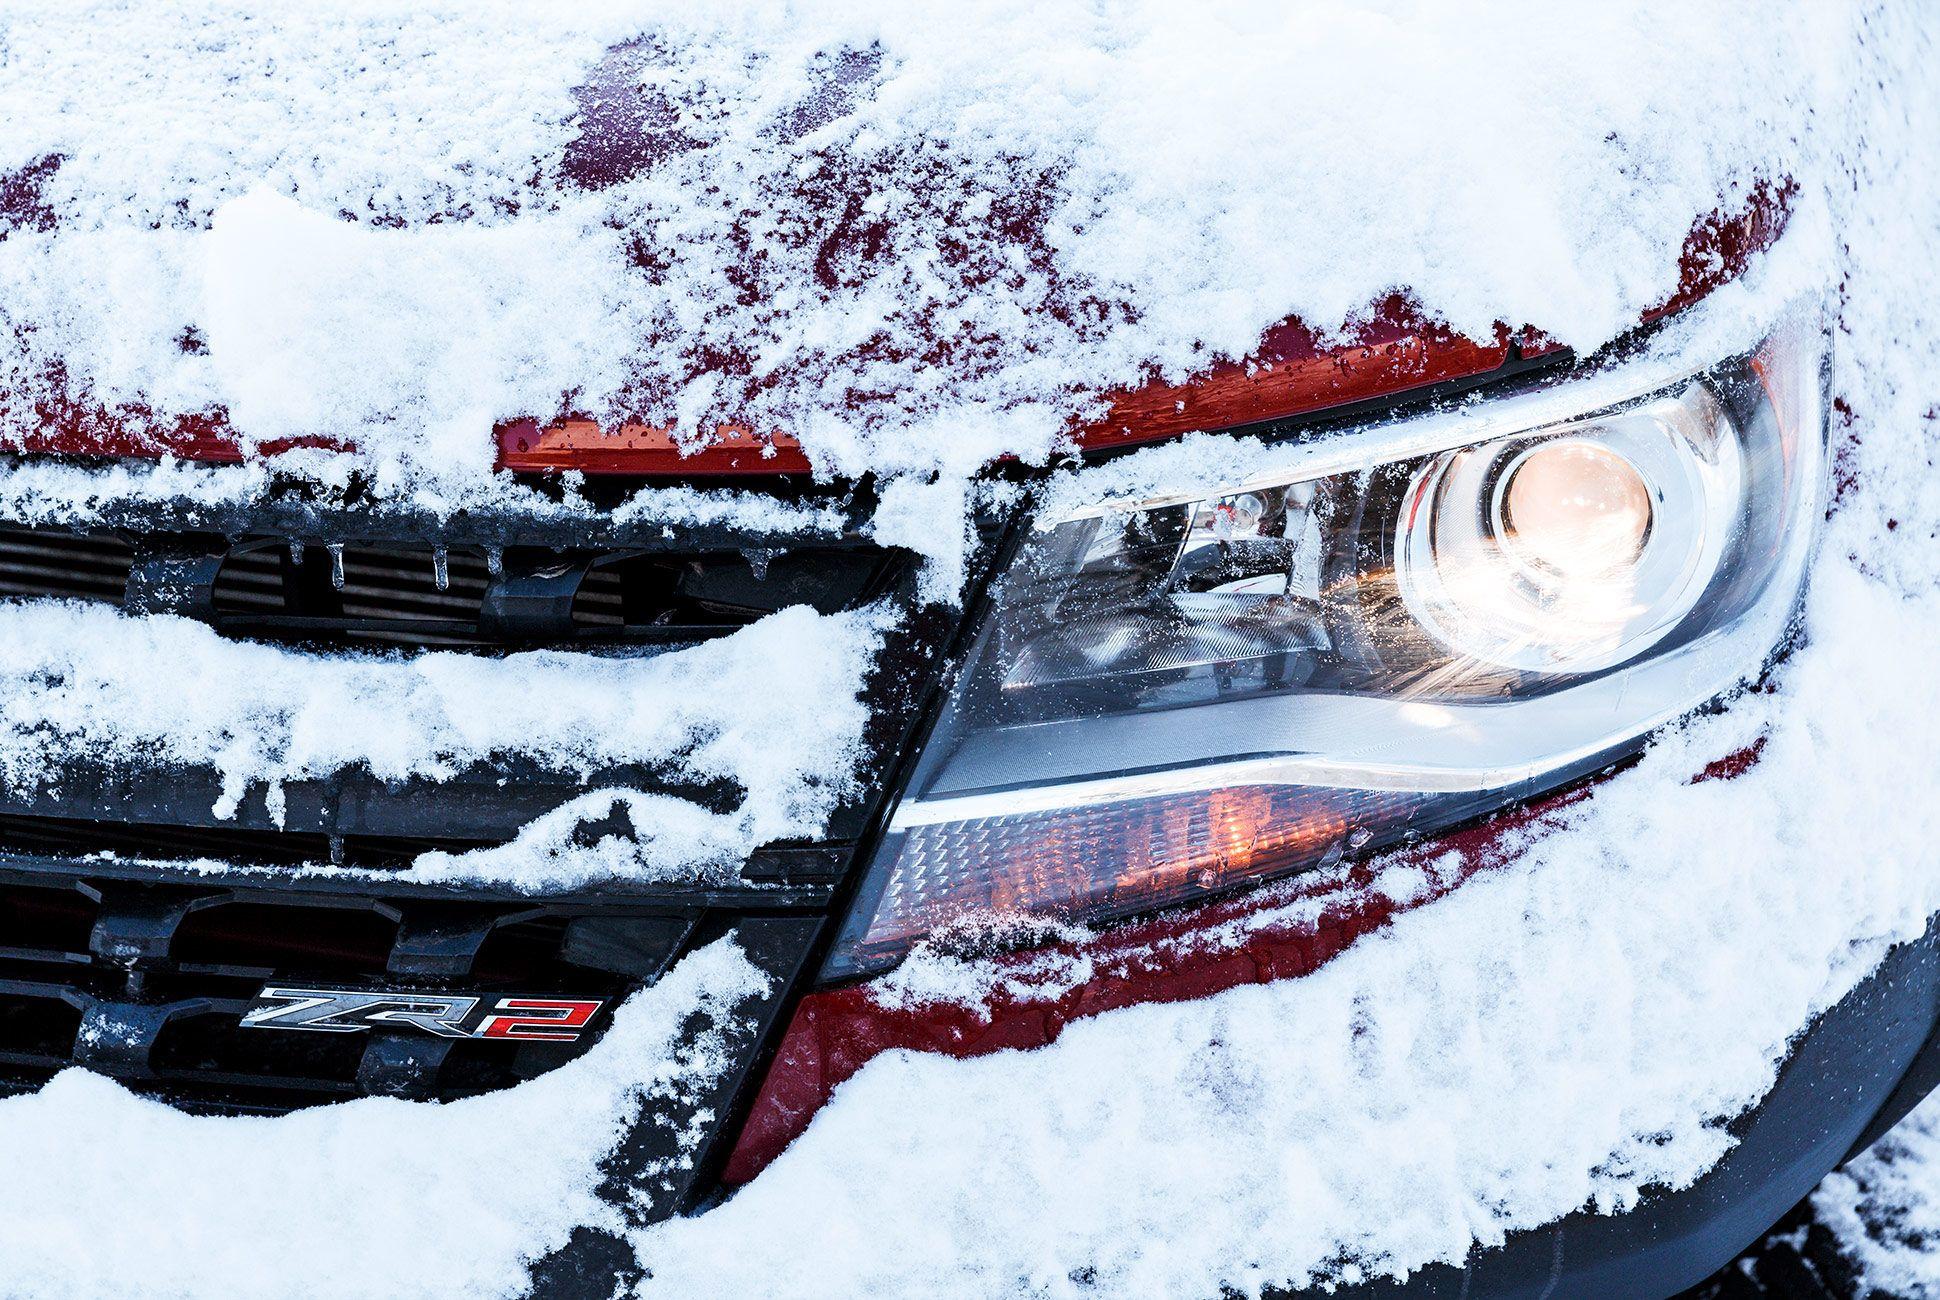 ultimate-ski-and-snow-gear-patrol-chevy-colorado-slide-4